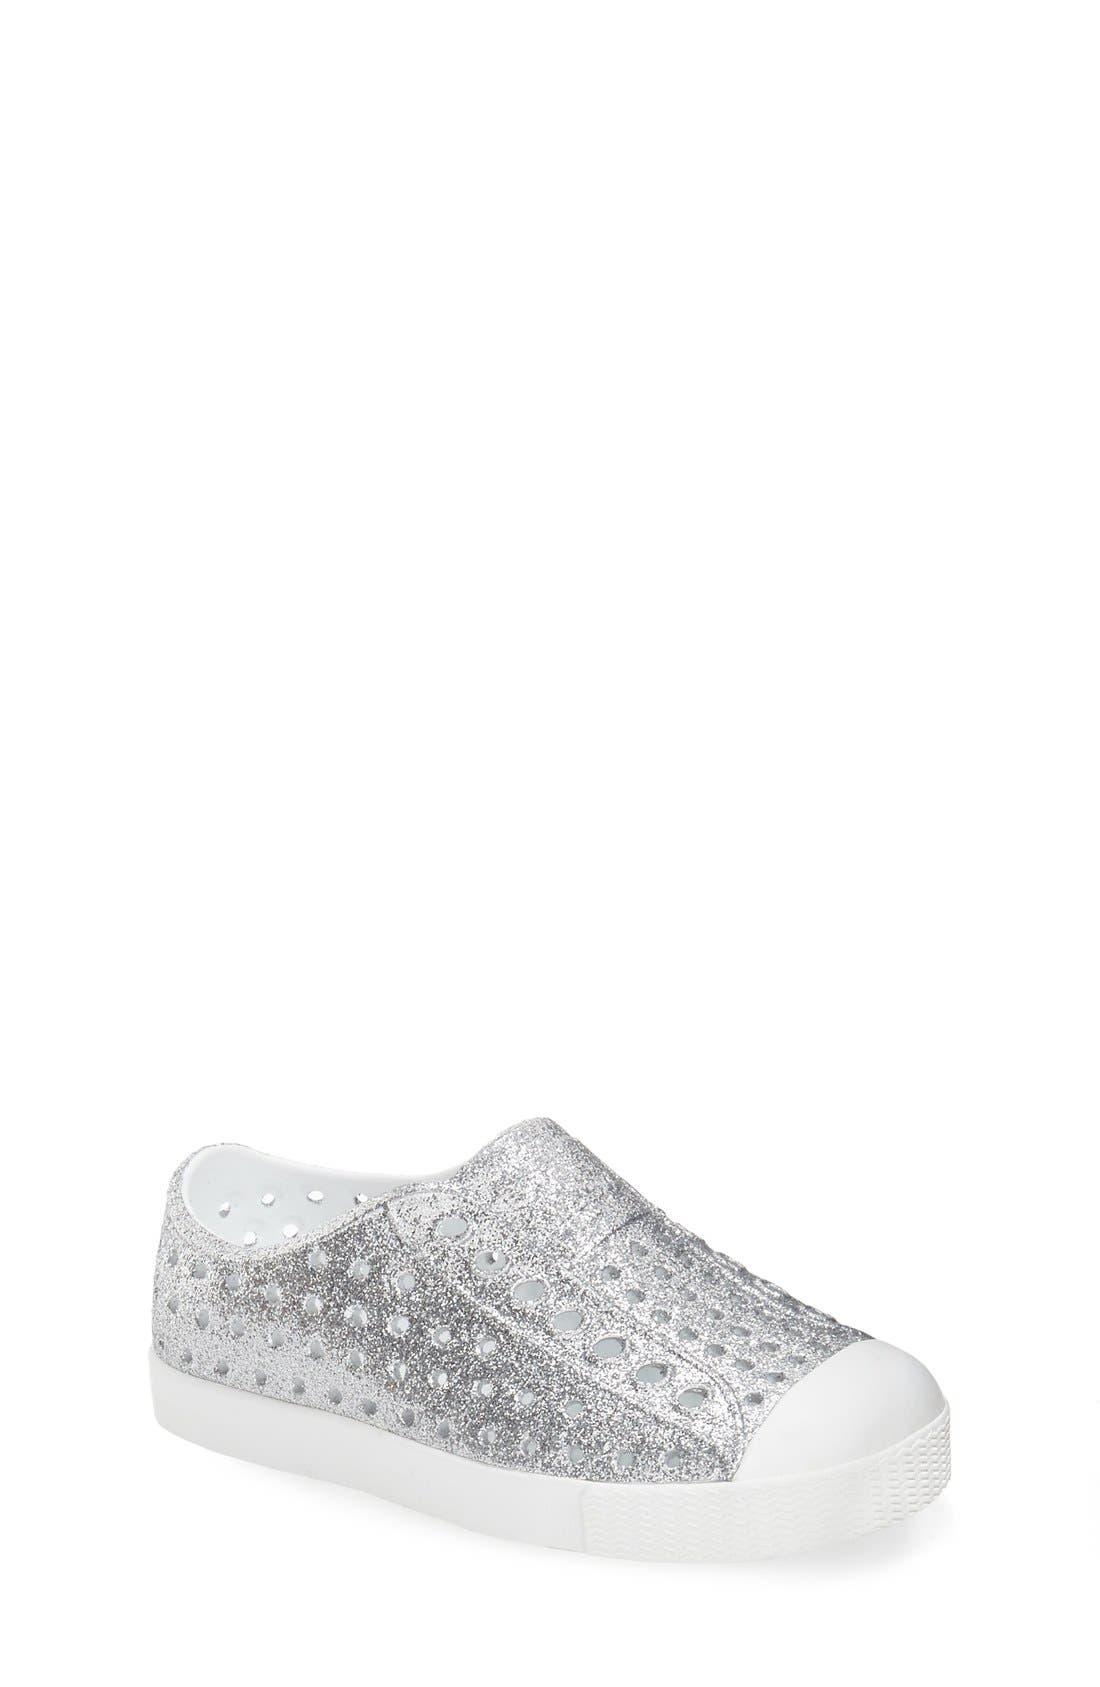 Main Image - Native Shoes 'Jefferson - Bling' Slip-On Sneaker (Baby, Walker, Toddler & Little Kid)